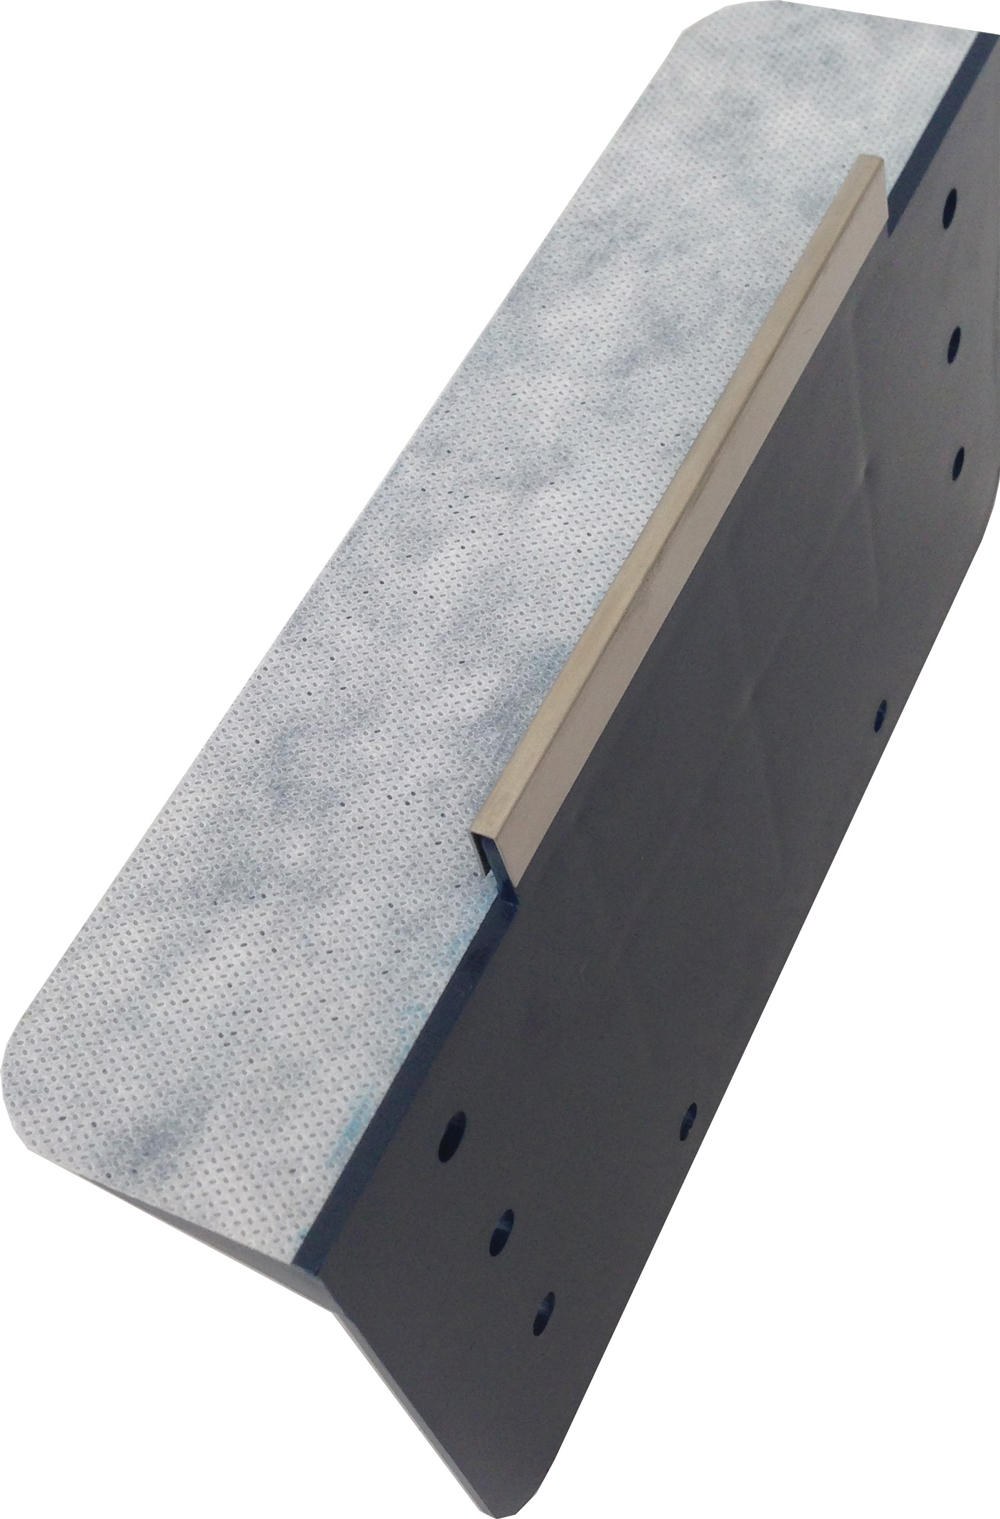 Sistemi di drenaggio Accessori Multidrain MUD100T Profilitec